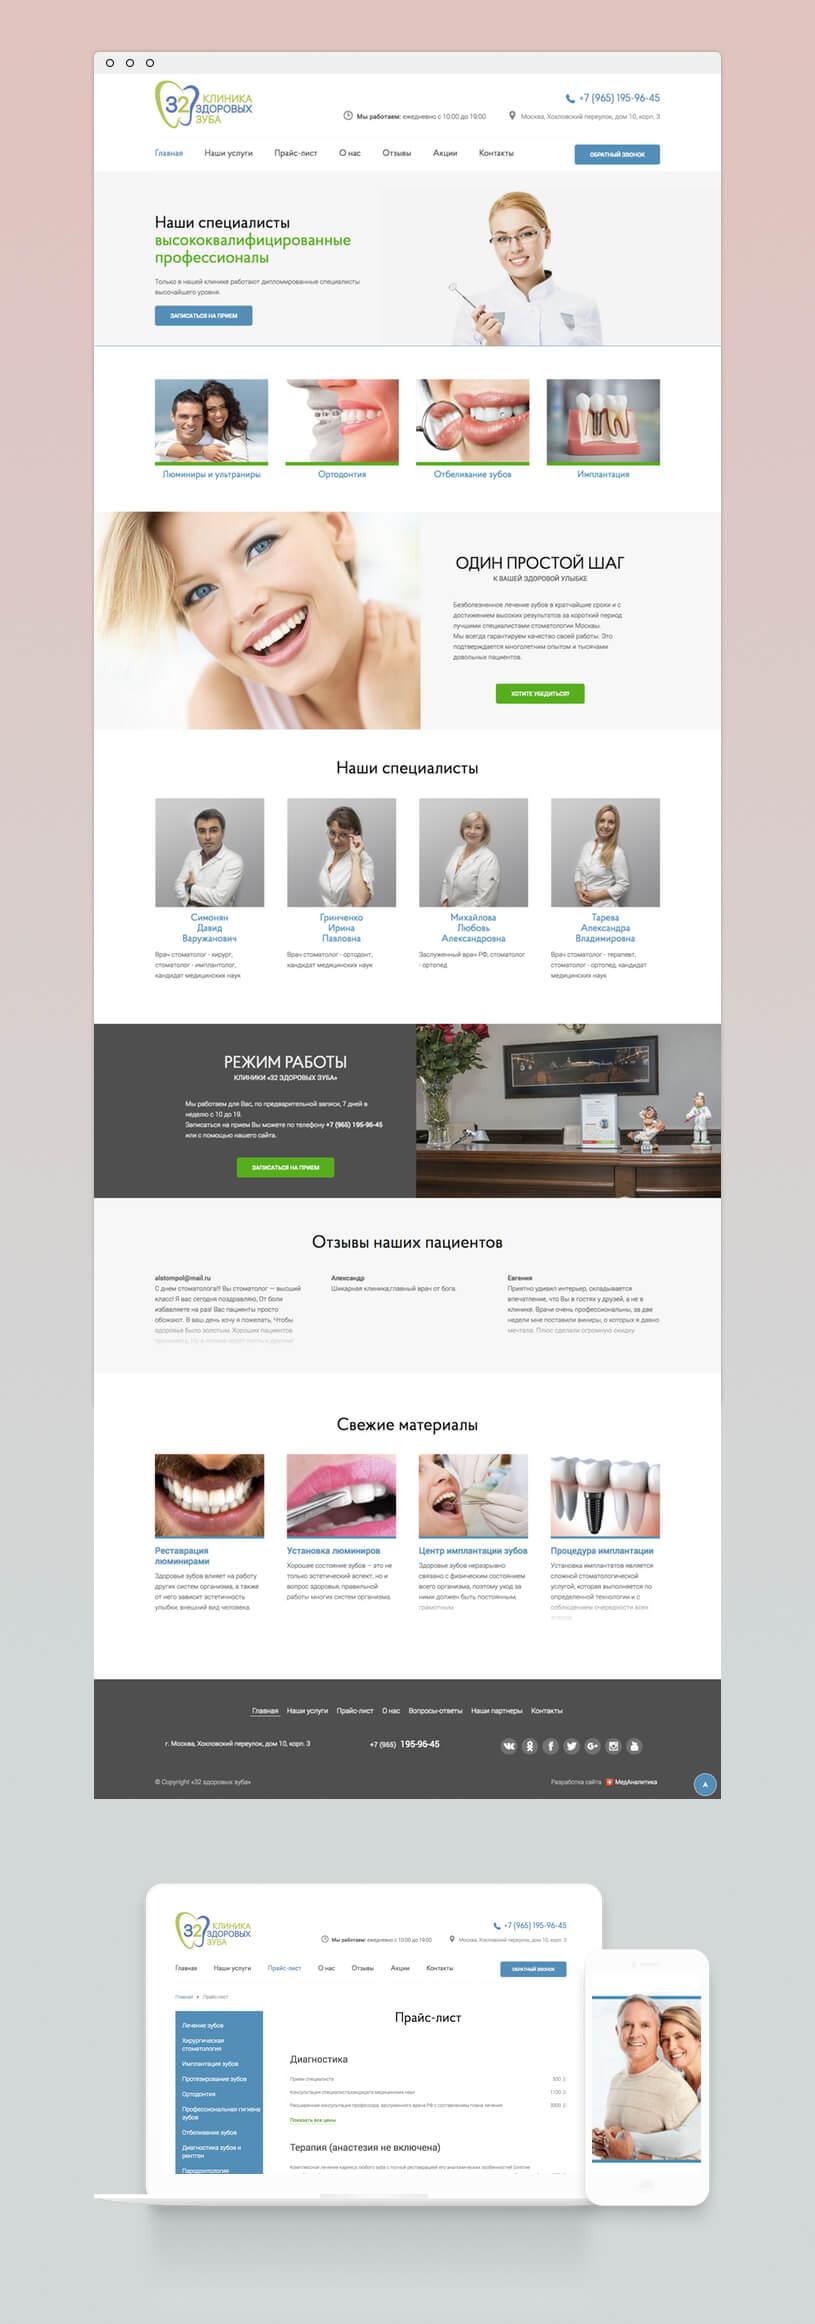 Стоматология 32 здоровых зуба